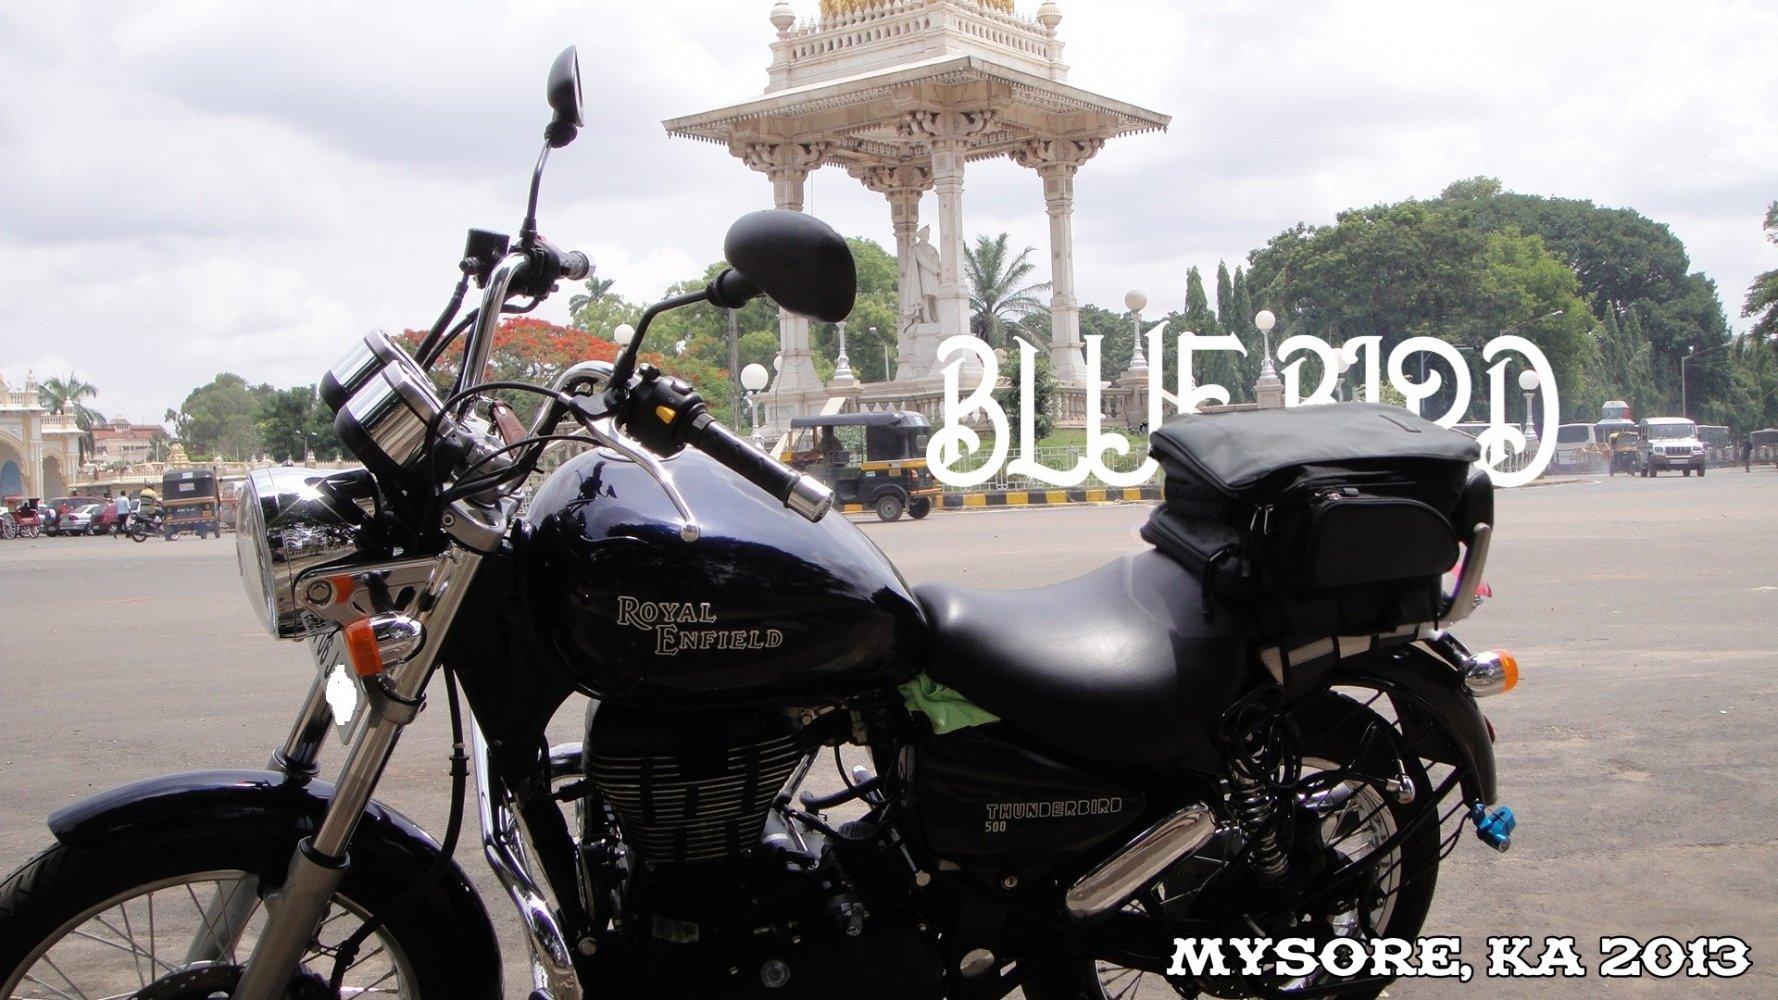 BlueBirdMysore.jpg